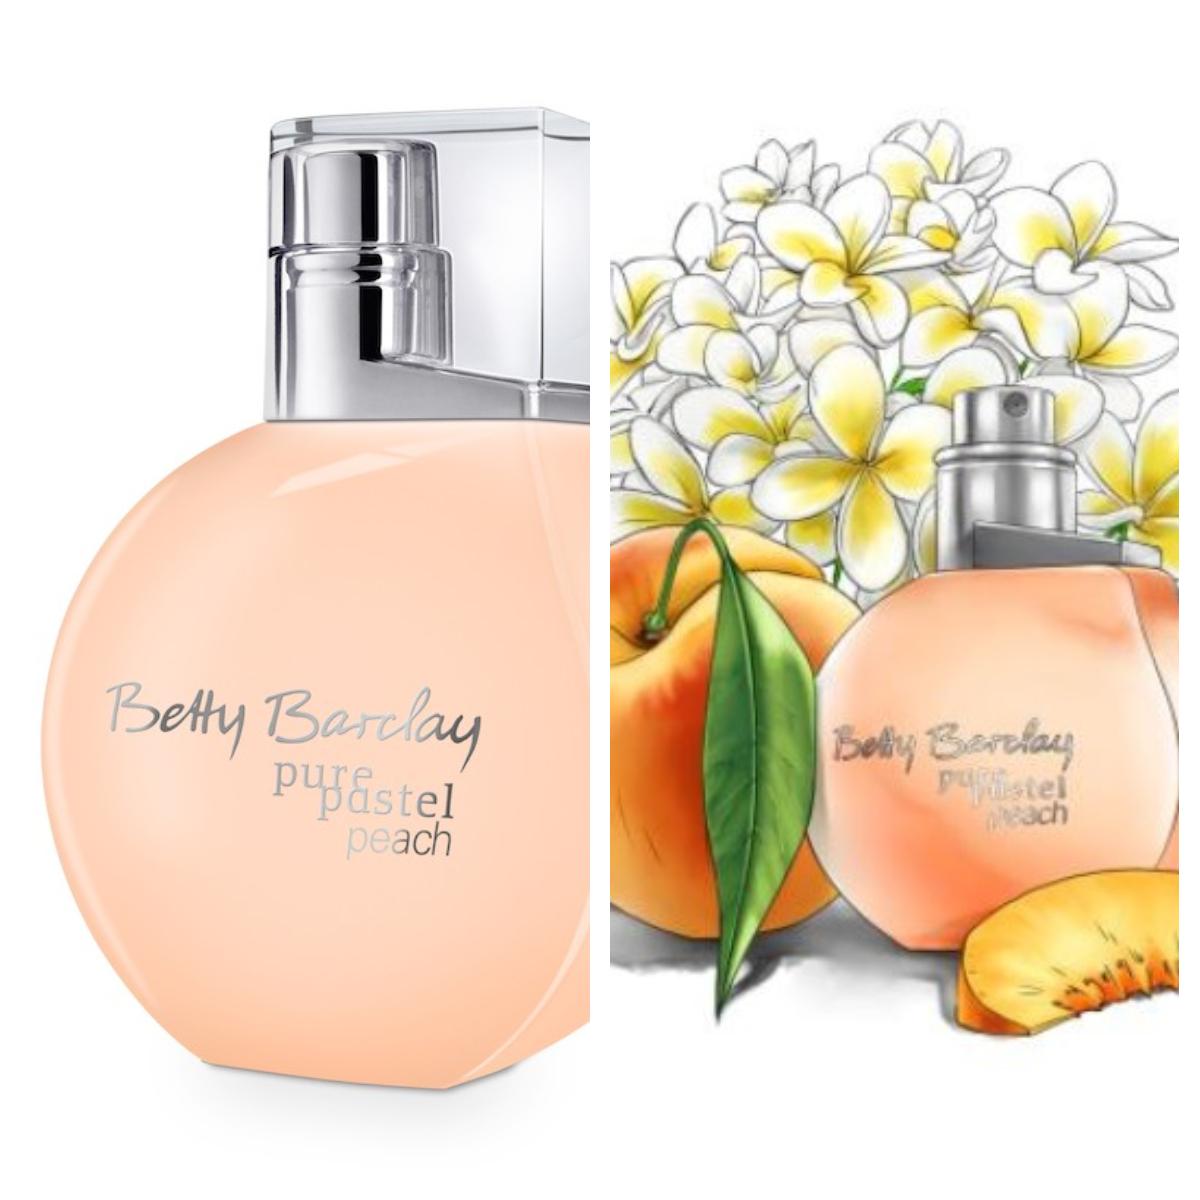 Betty Barclay pure pastel peach<br />stílus: derűs, kacér<br />illatvilág: a bársonyos barack gyümölcsös aromái<br />szín: leheletfinom, mégis élénk és energikus - a jó hangulatért!<br />